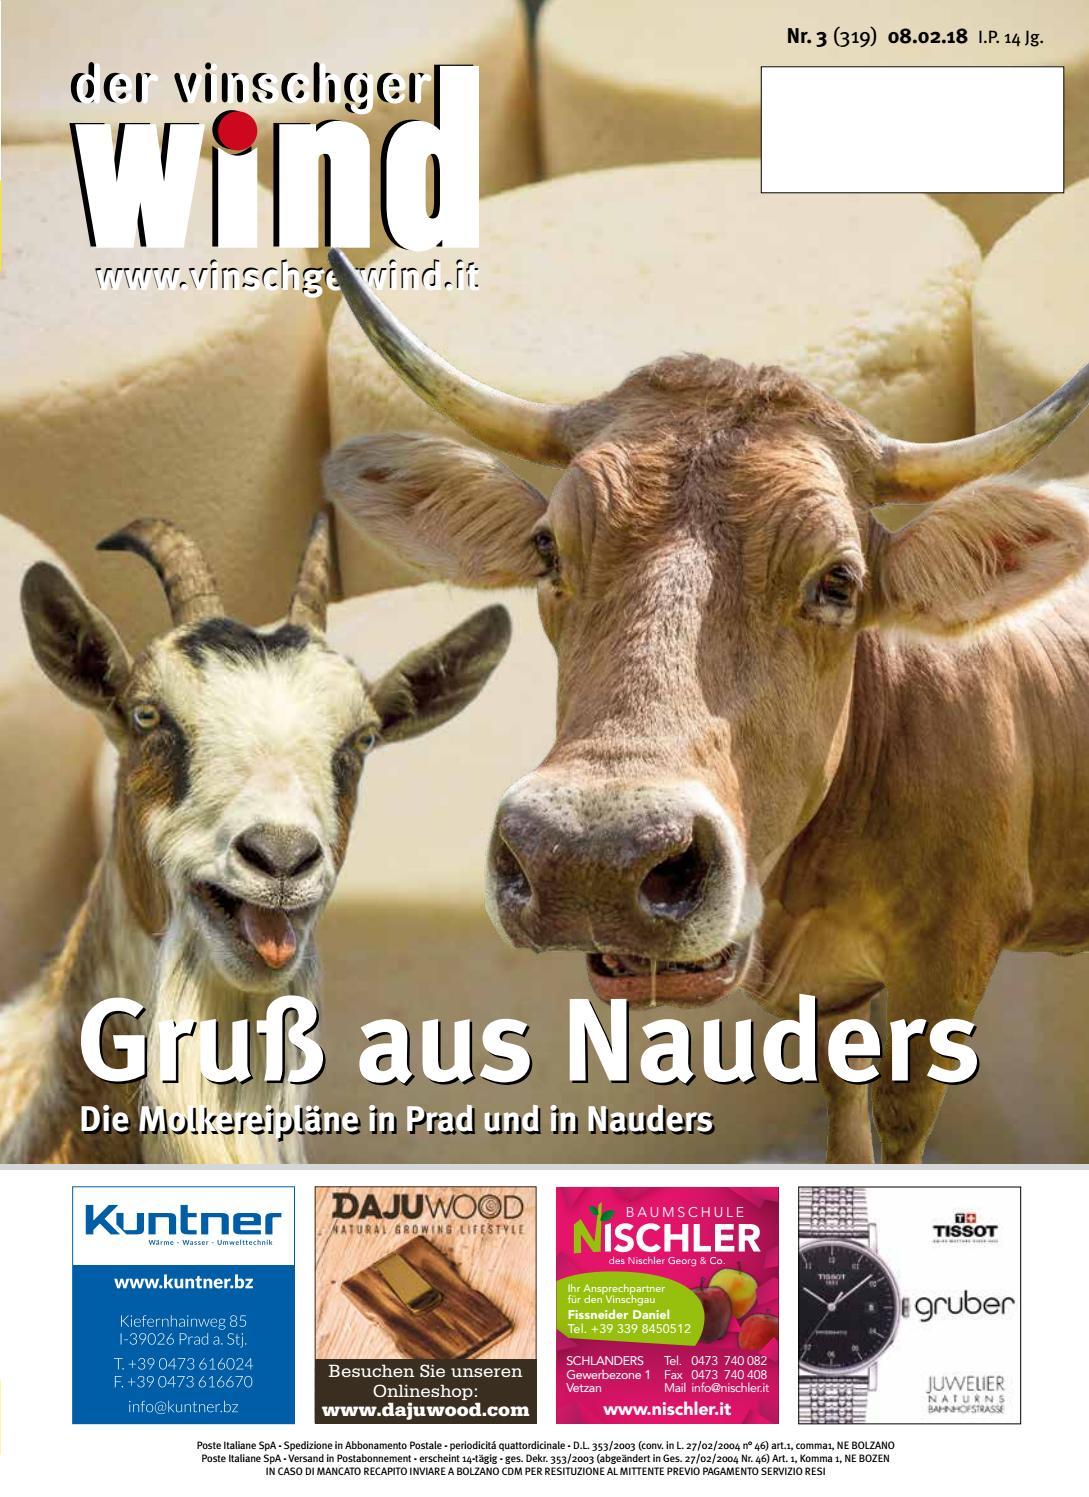 Vinschgerwind Ausgabe 3 18 Vinschgau Sudtirol By Vinschgerwind Issuu